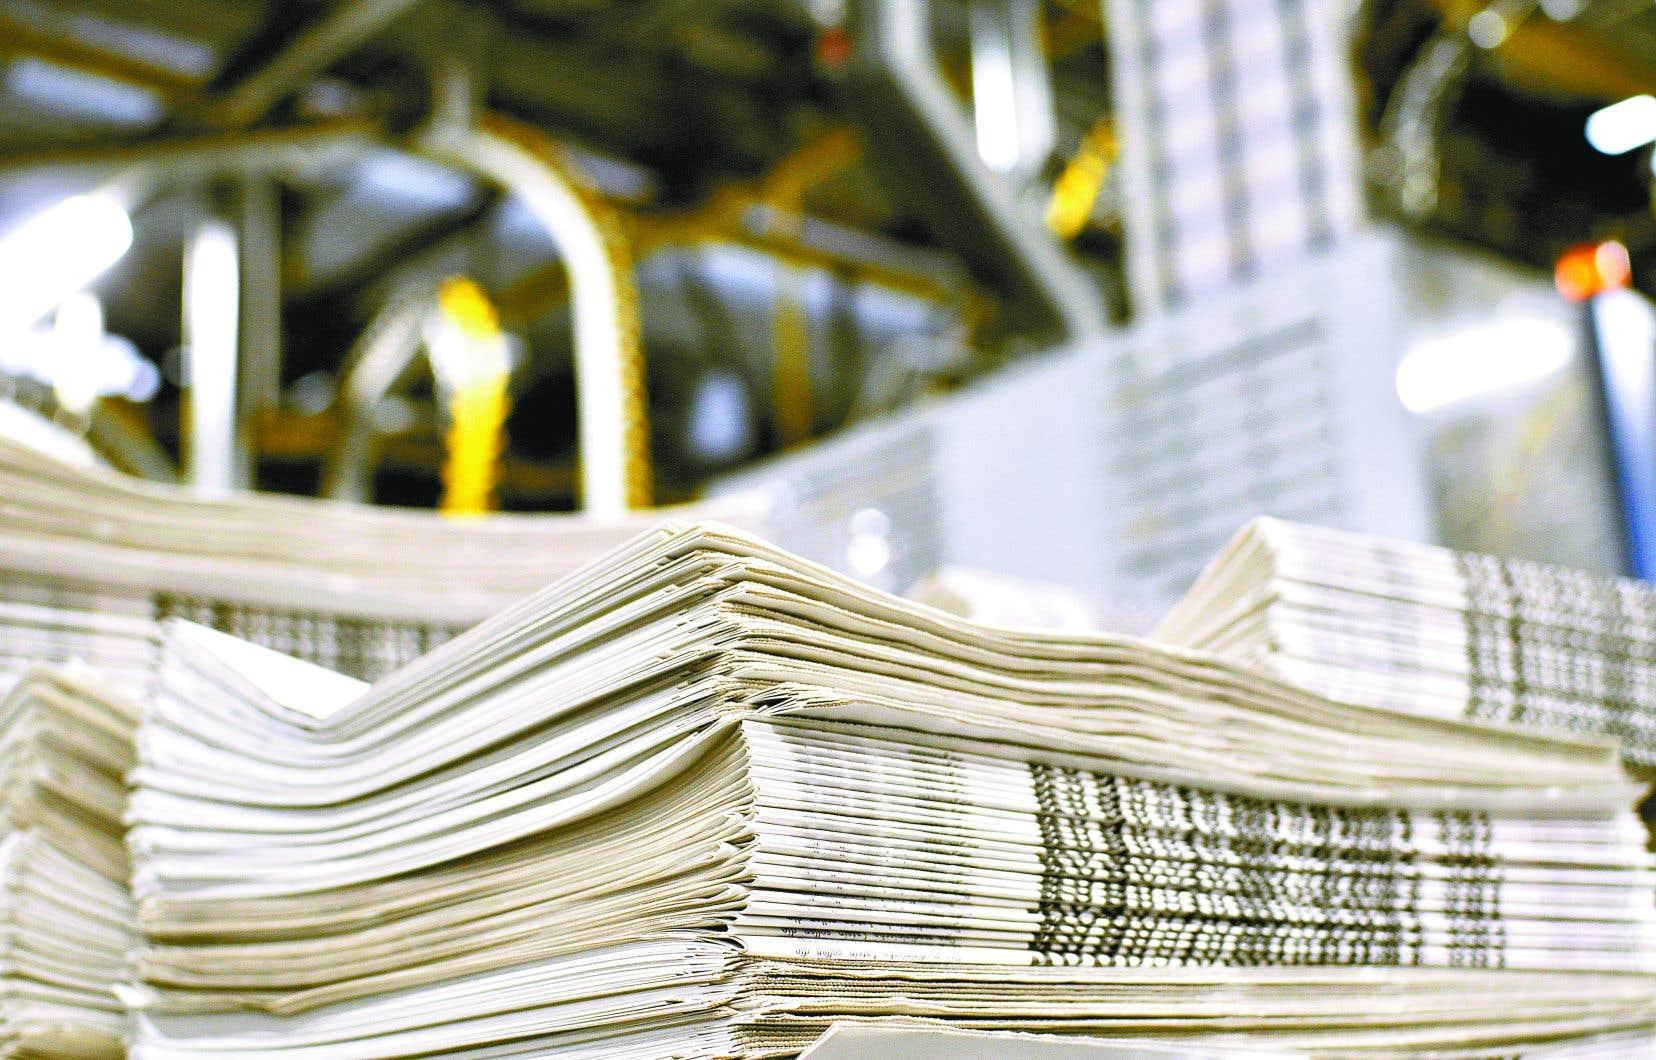 Malgré la crise à laquelle les médias doivent faire face, les lecteurs sont légèrement plus nombreux désormais, tant en ce qui a trait aux quotidiens papier qu'en ce qui a trait aux quotidiens numériques.